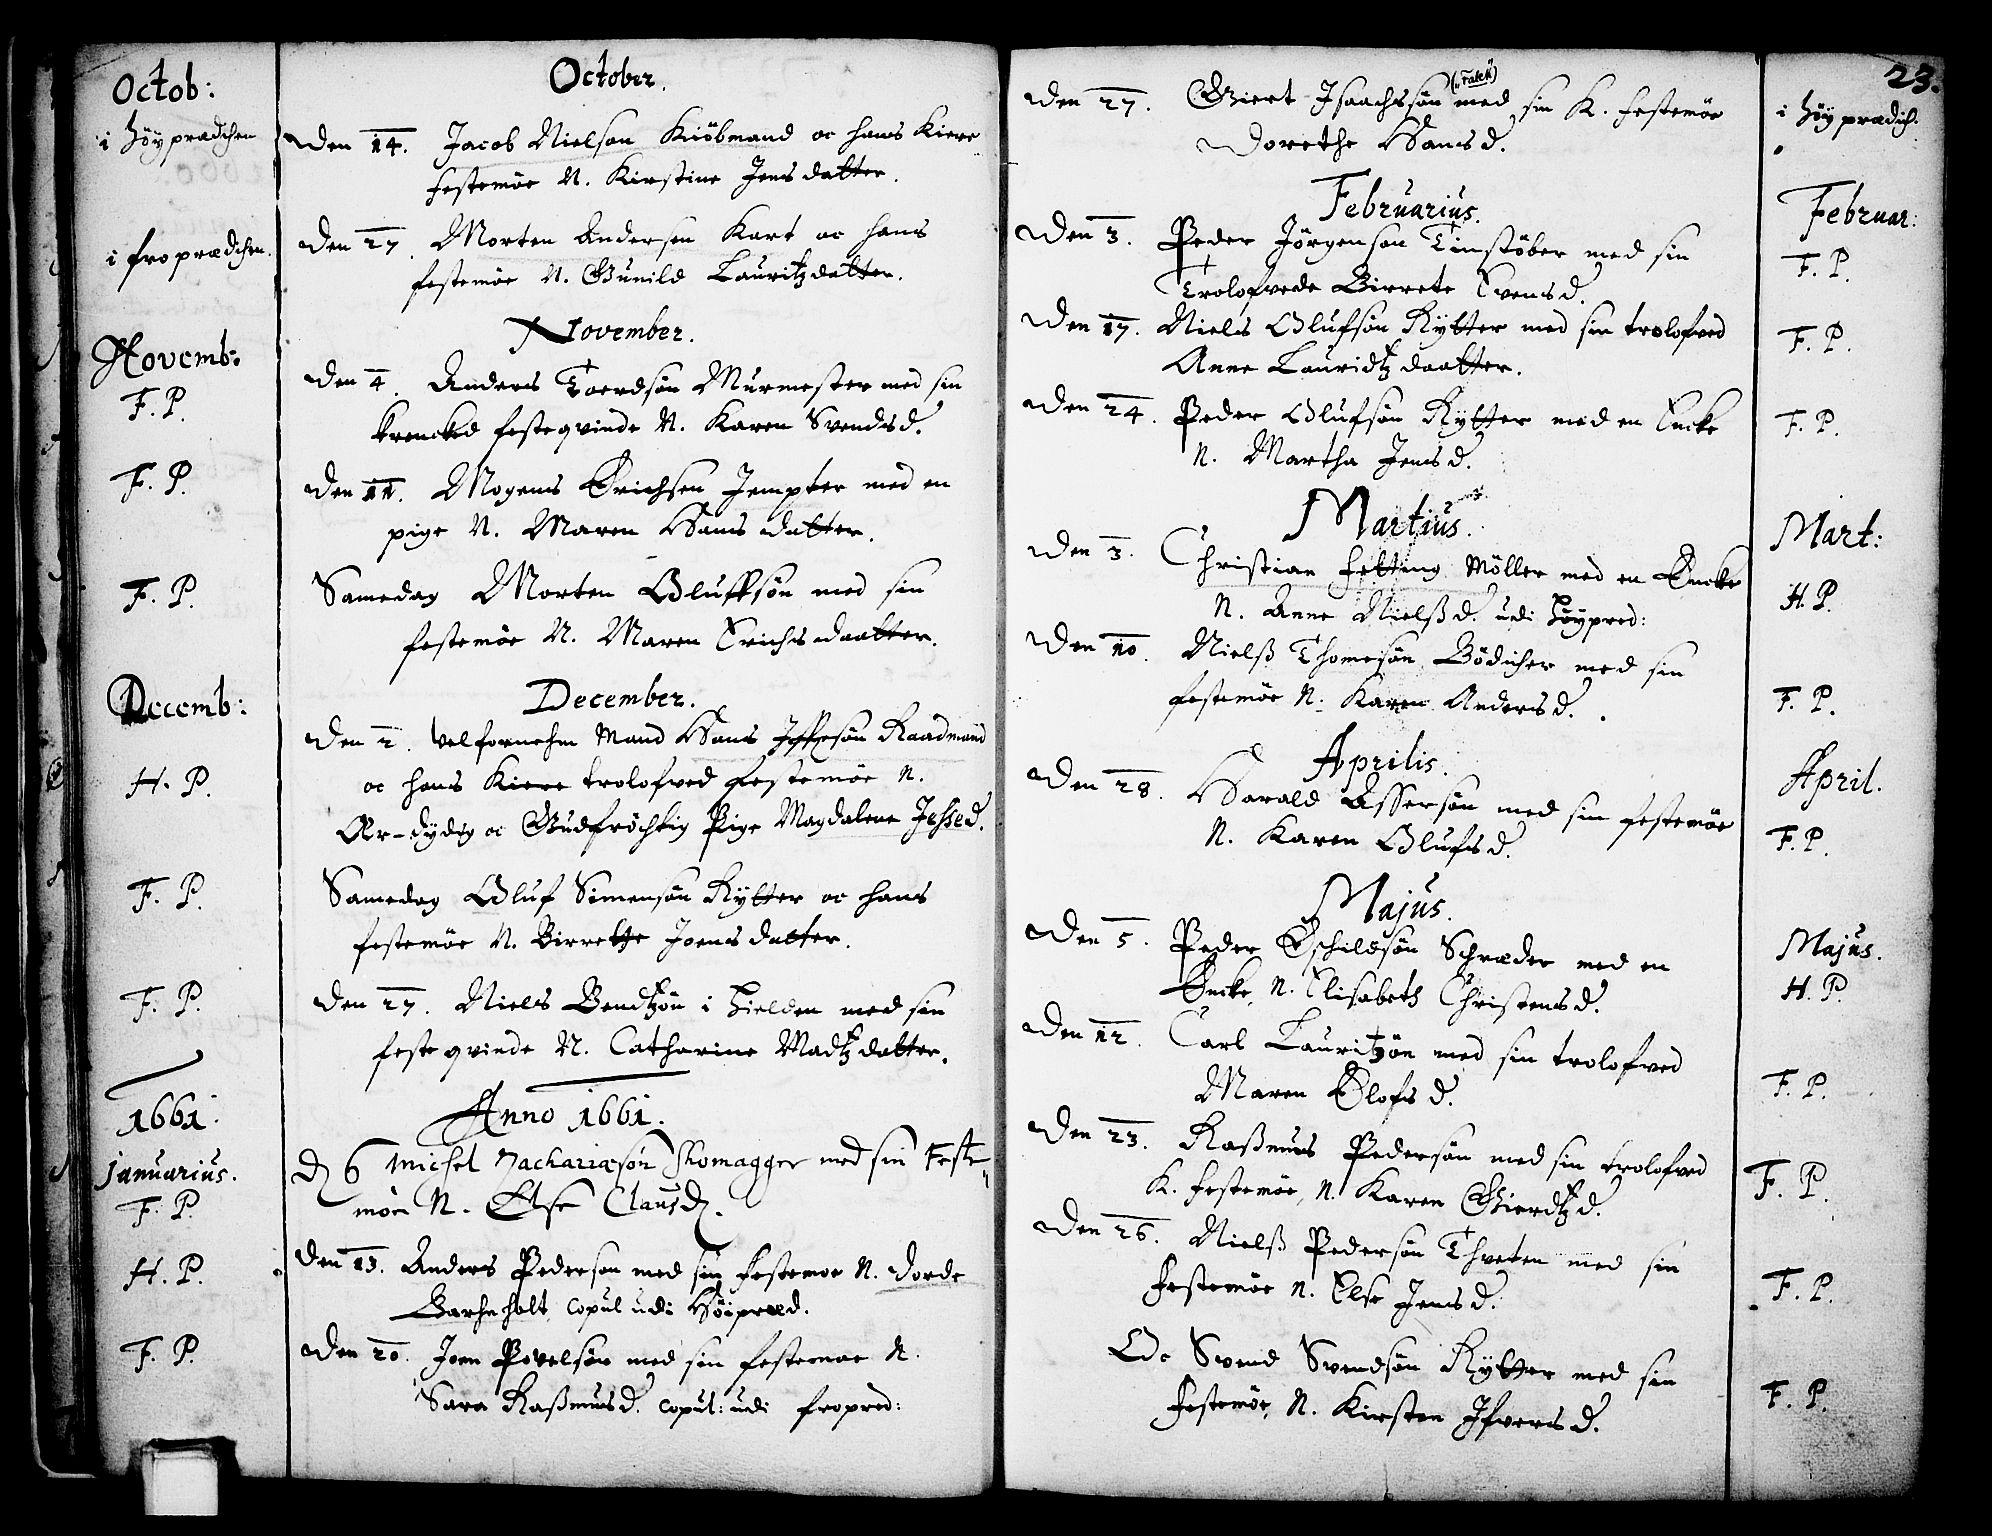 SAKO, Skien kirkebøker, F/Fa/L0001: Ministerialbok nr. 1, 1659-1679, s. 23